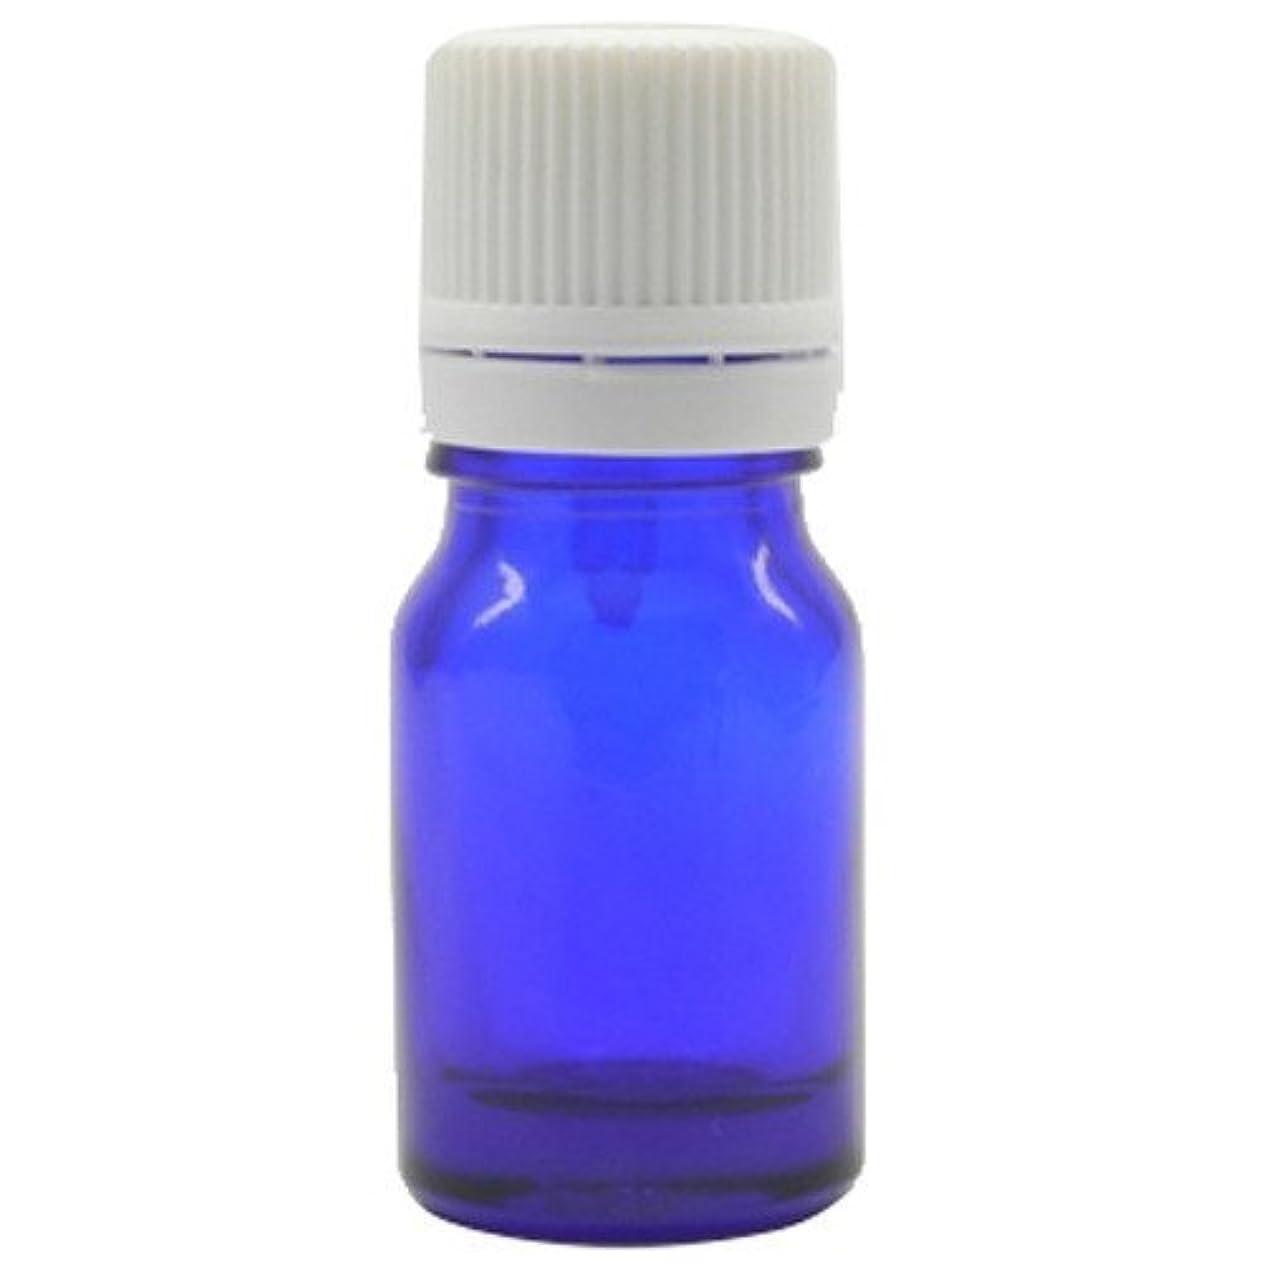 失群集食品アロマアンドライフ (K)ブルー瓶5mlドロップ栓白キャップ 3本セット